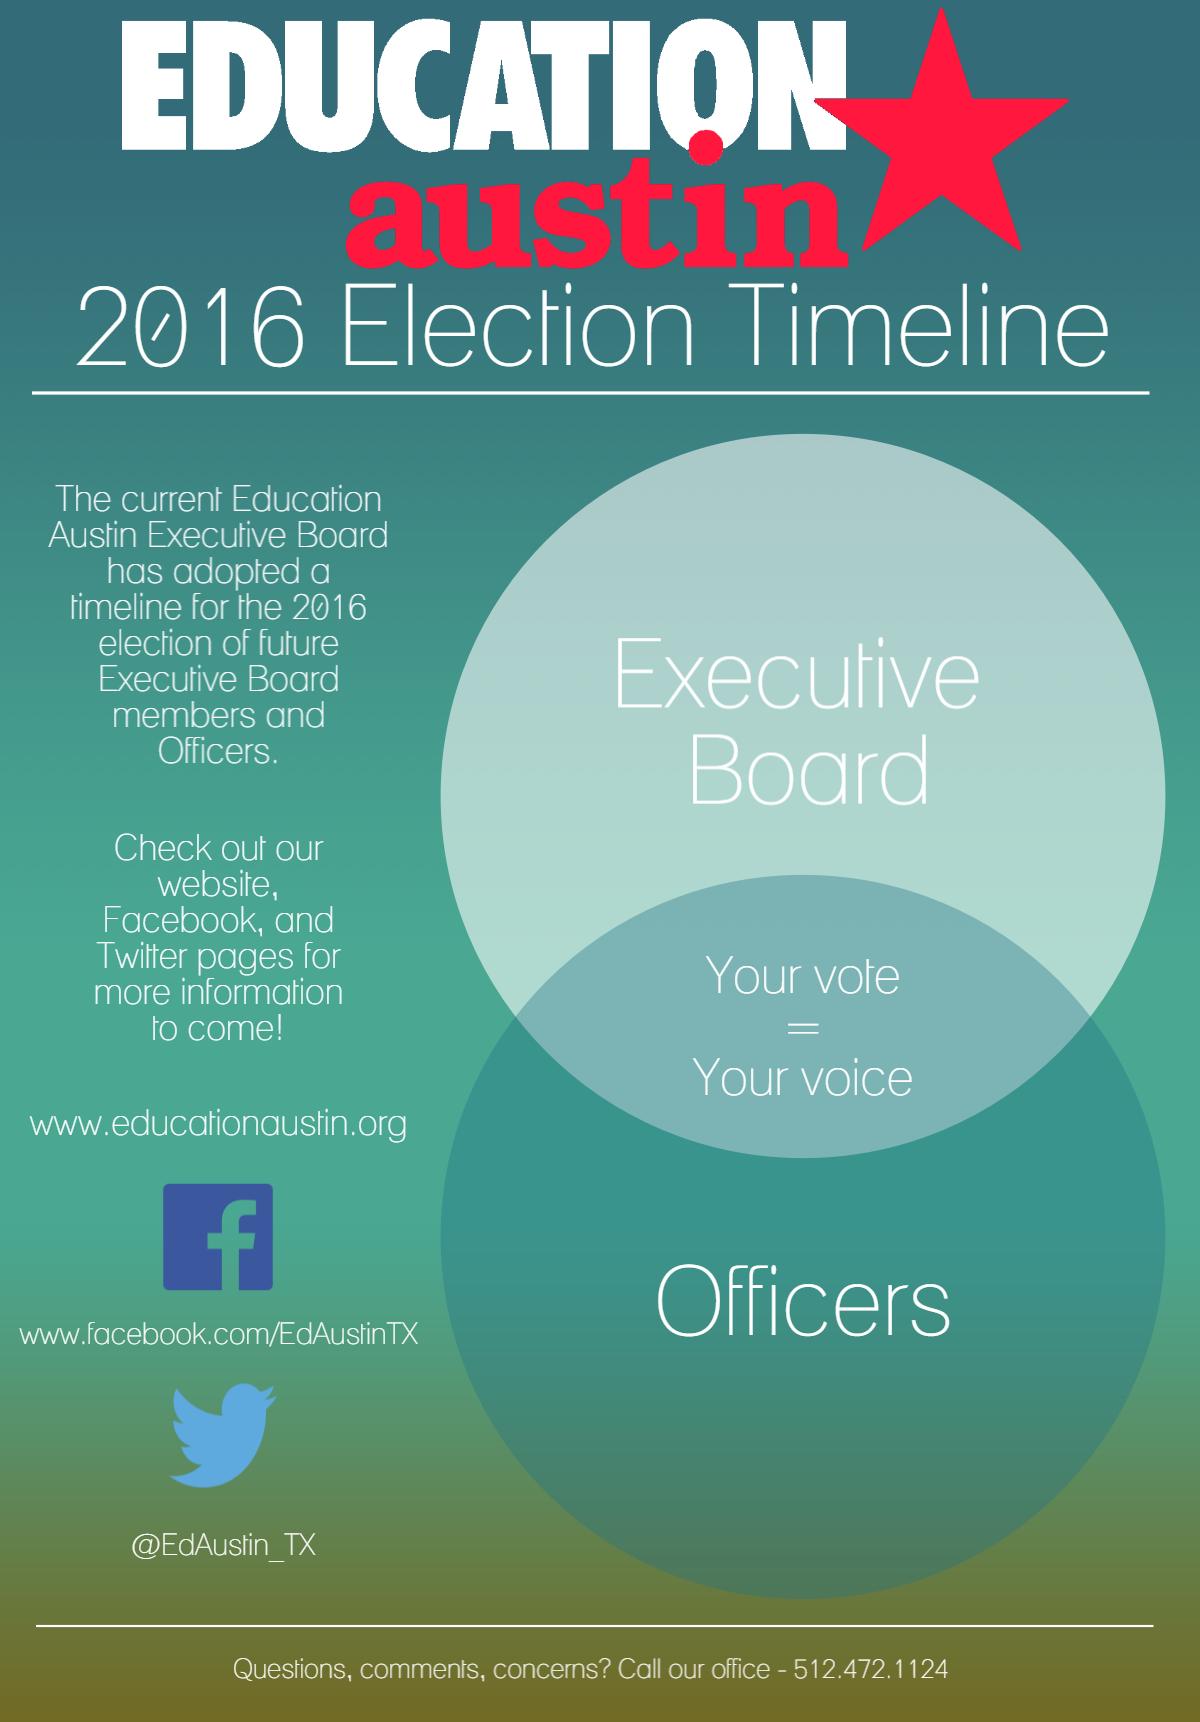 2016 Election Timeline